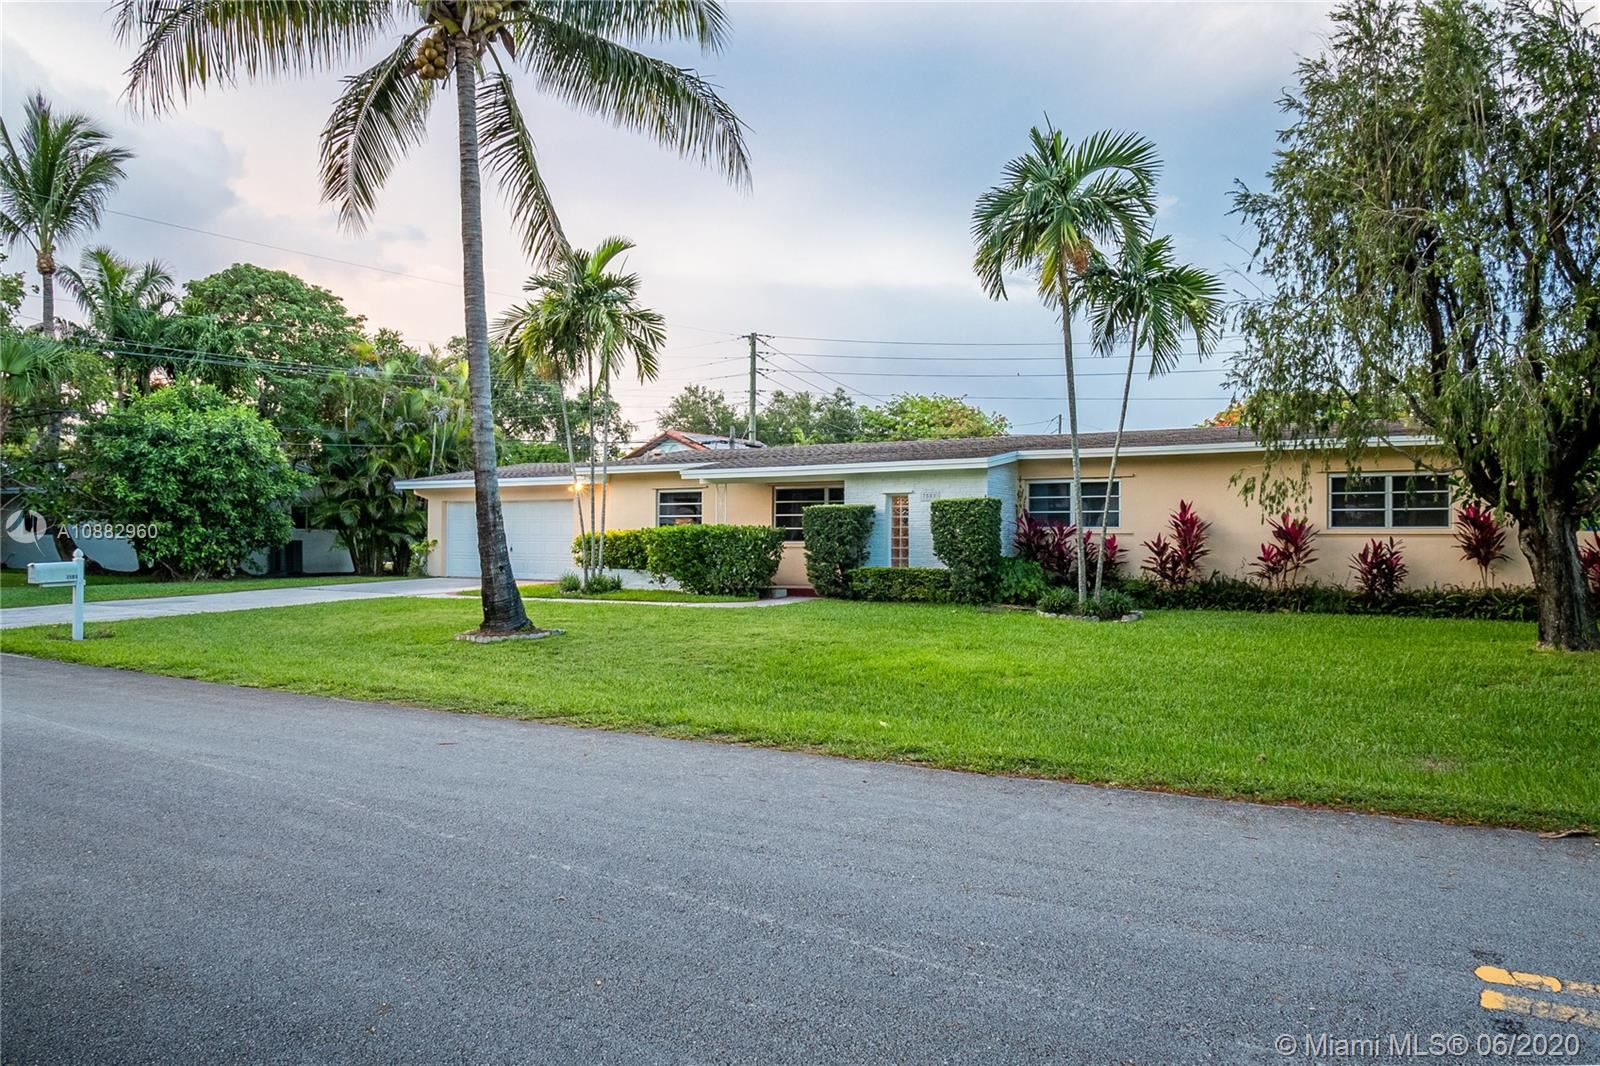 7501 SW 137th St, Palmetto Bay, FL 33158 - #: A10882960